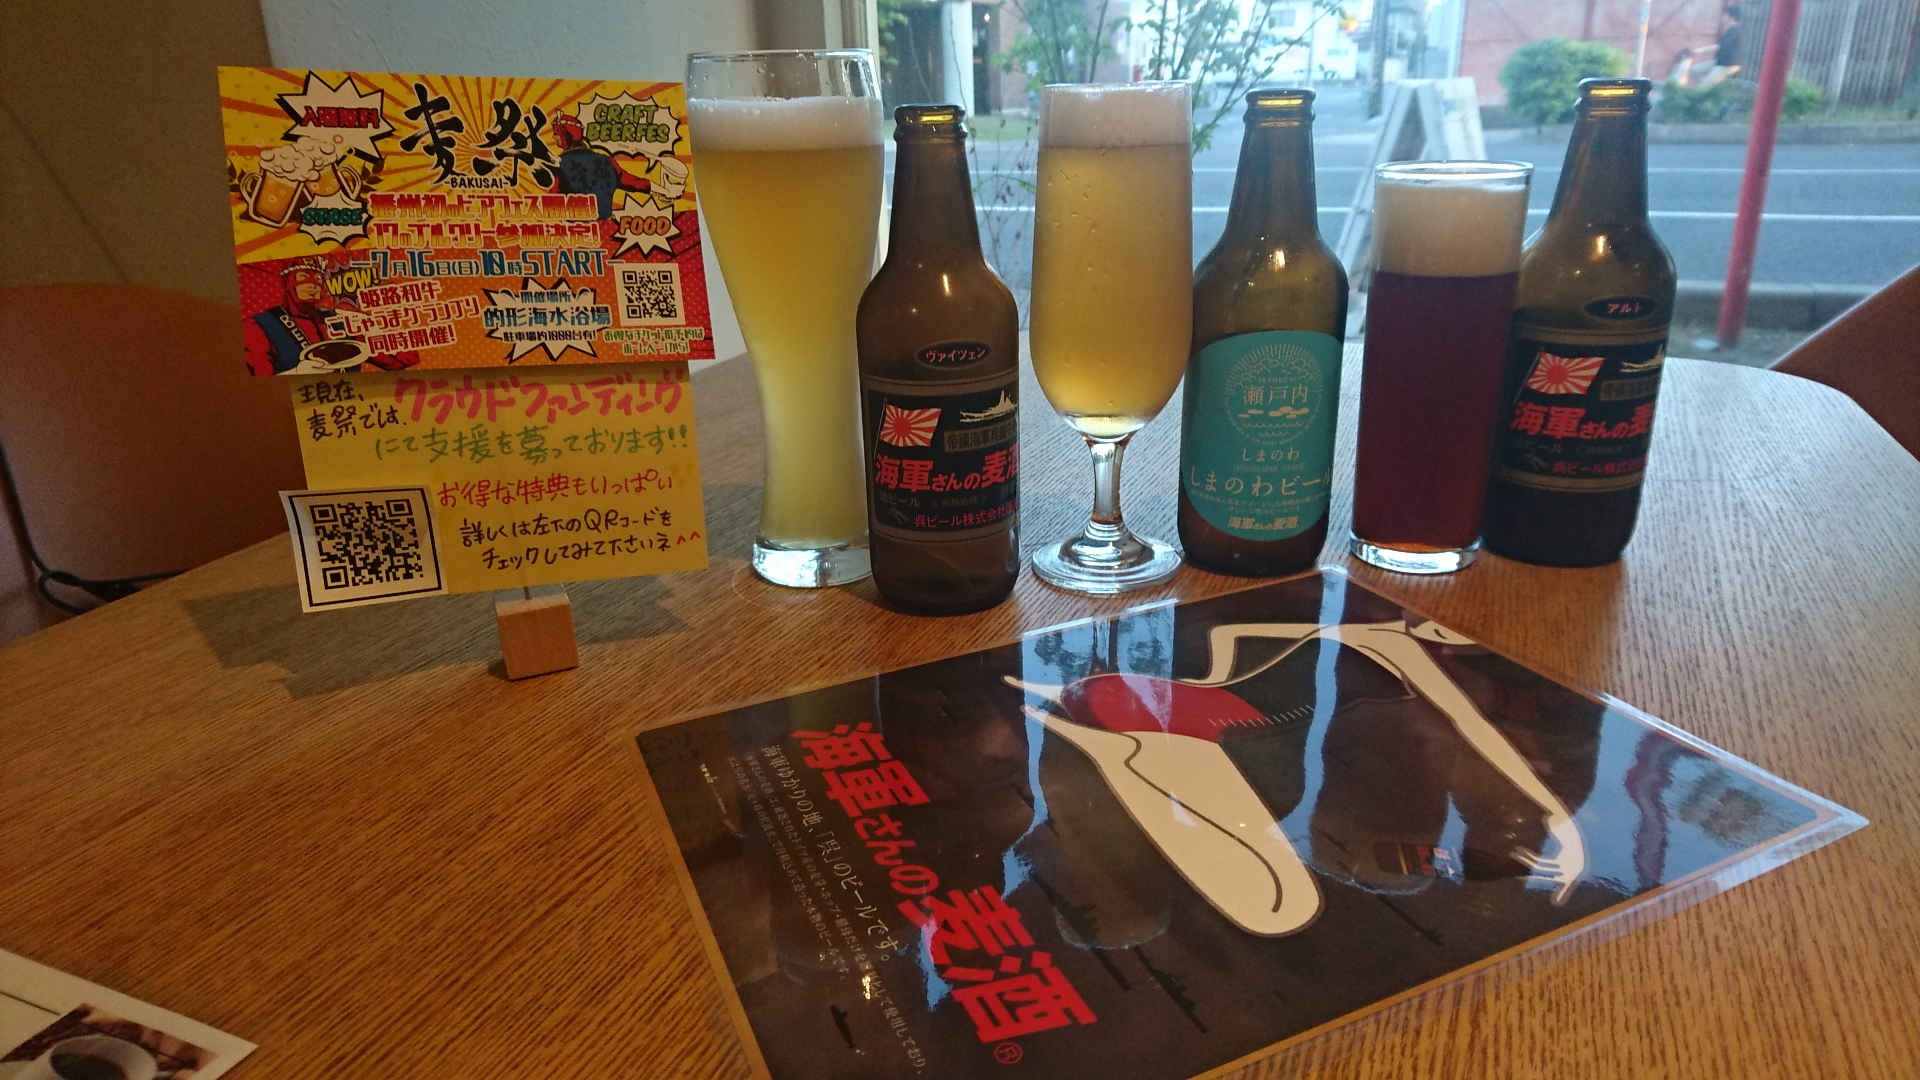 6月2日(金)地ビール試飲会やります!